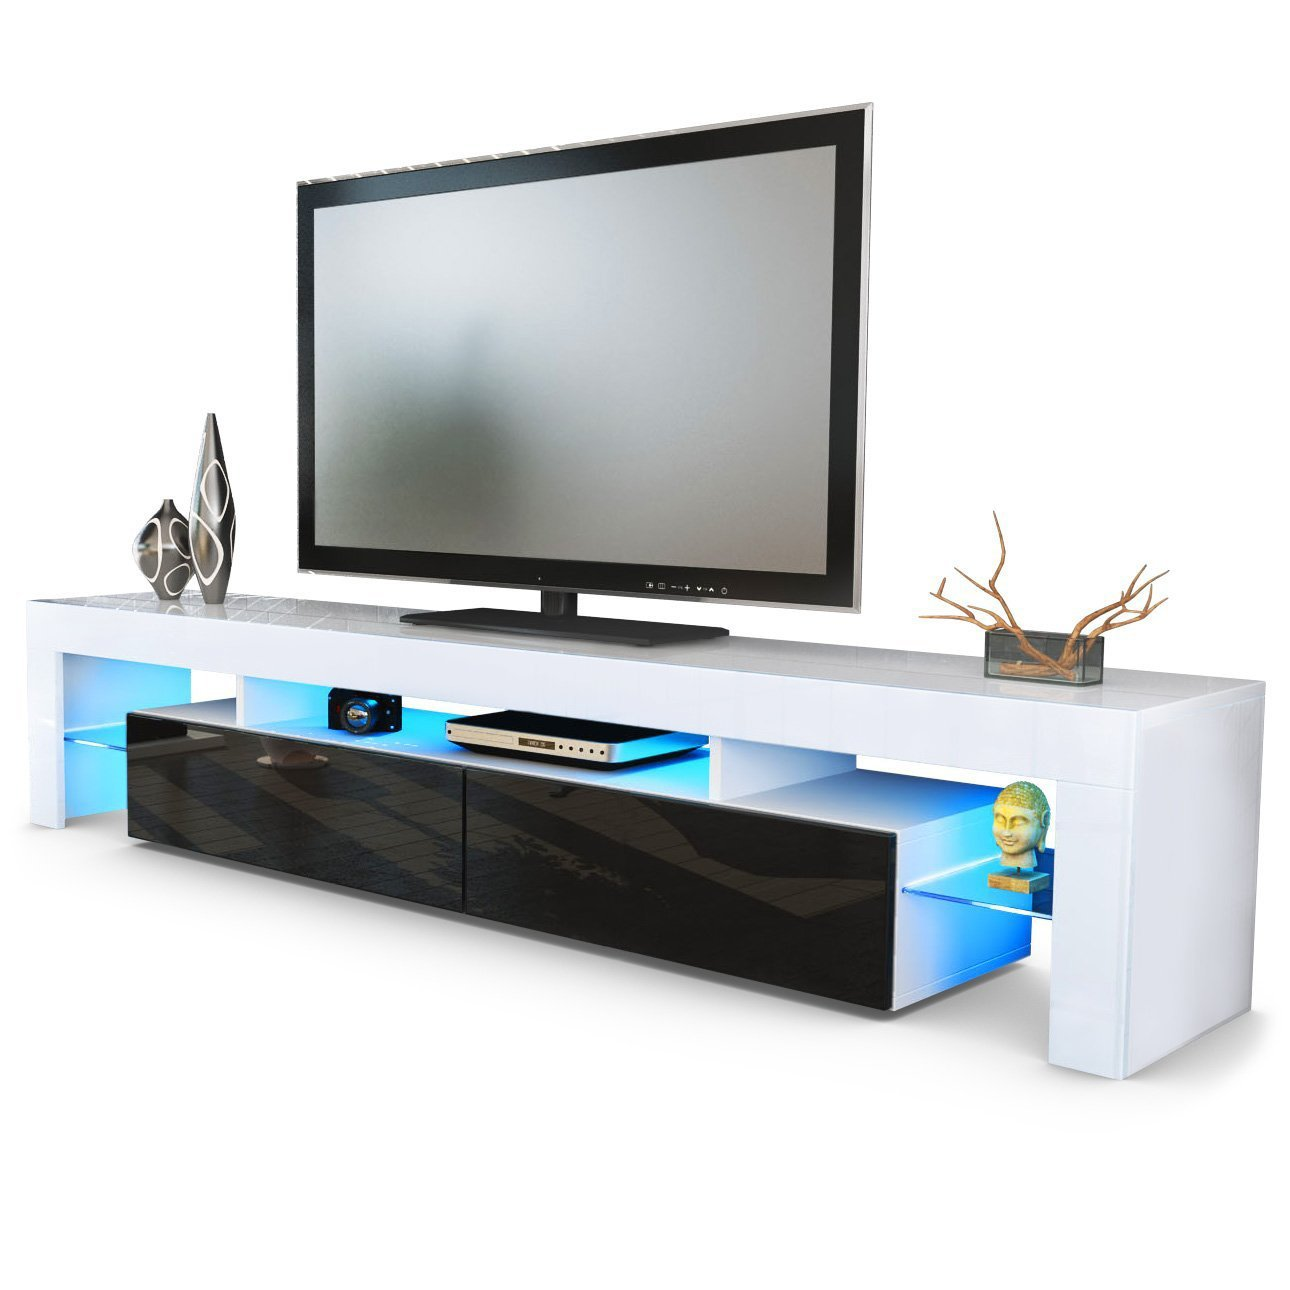 Domovero Helios 200 - Soporte Moderno para televisores de salón, Muebles, TV, Entretenimiento, con LED, Color Blanco y Negro: Amazon.es: Hogar